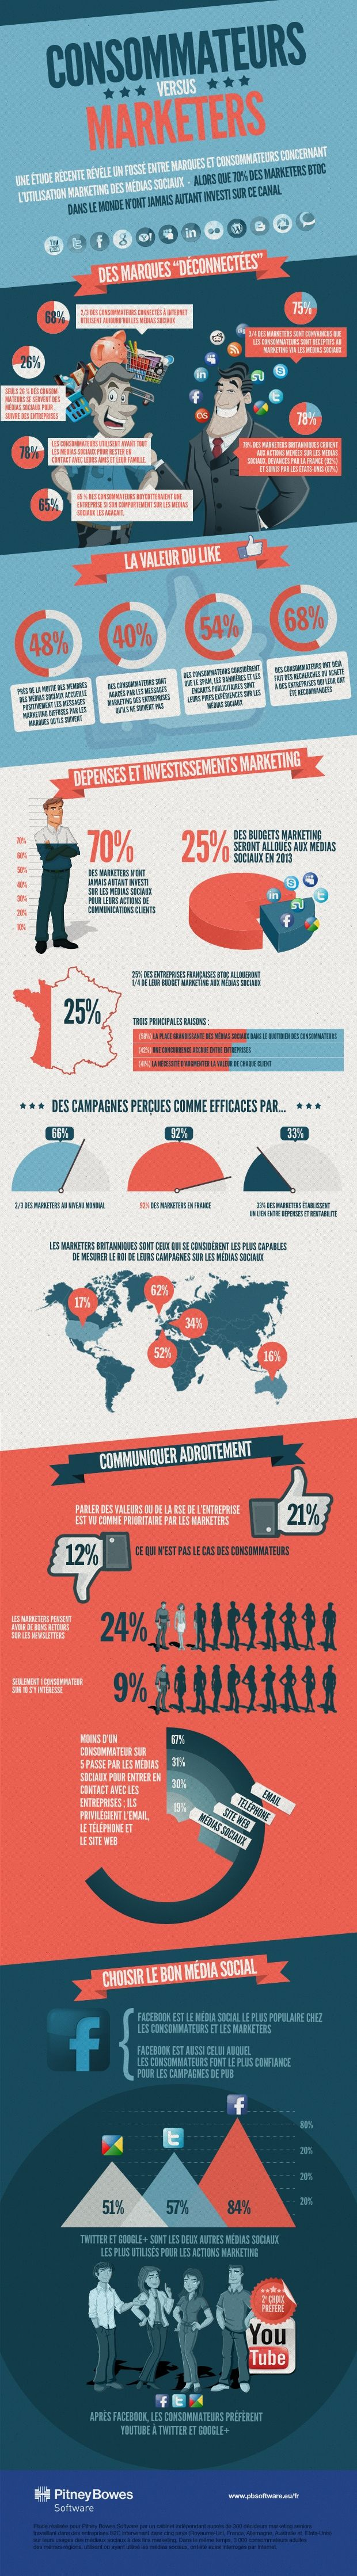 Moins d'1 consommateur sur 5 passe par les médias sociaux pour contacter une entreprise